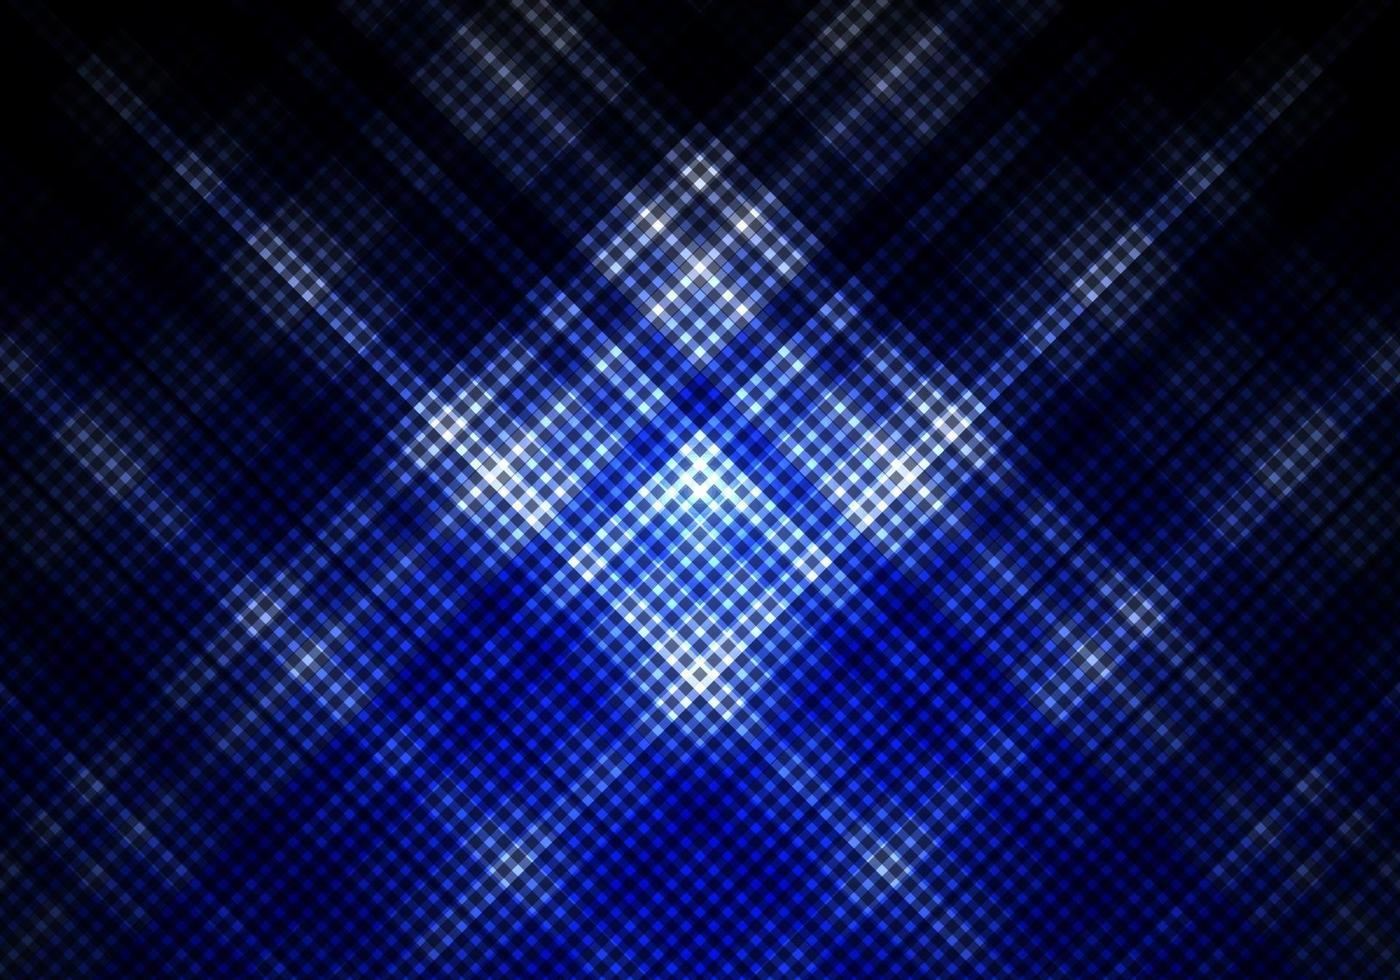 abstracte blauwe en zwarte kleur achtergrond met vierkante raster diagonale strepen vector